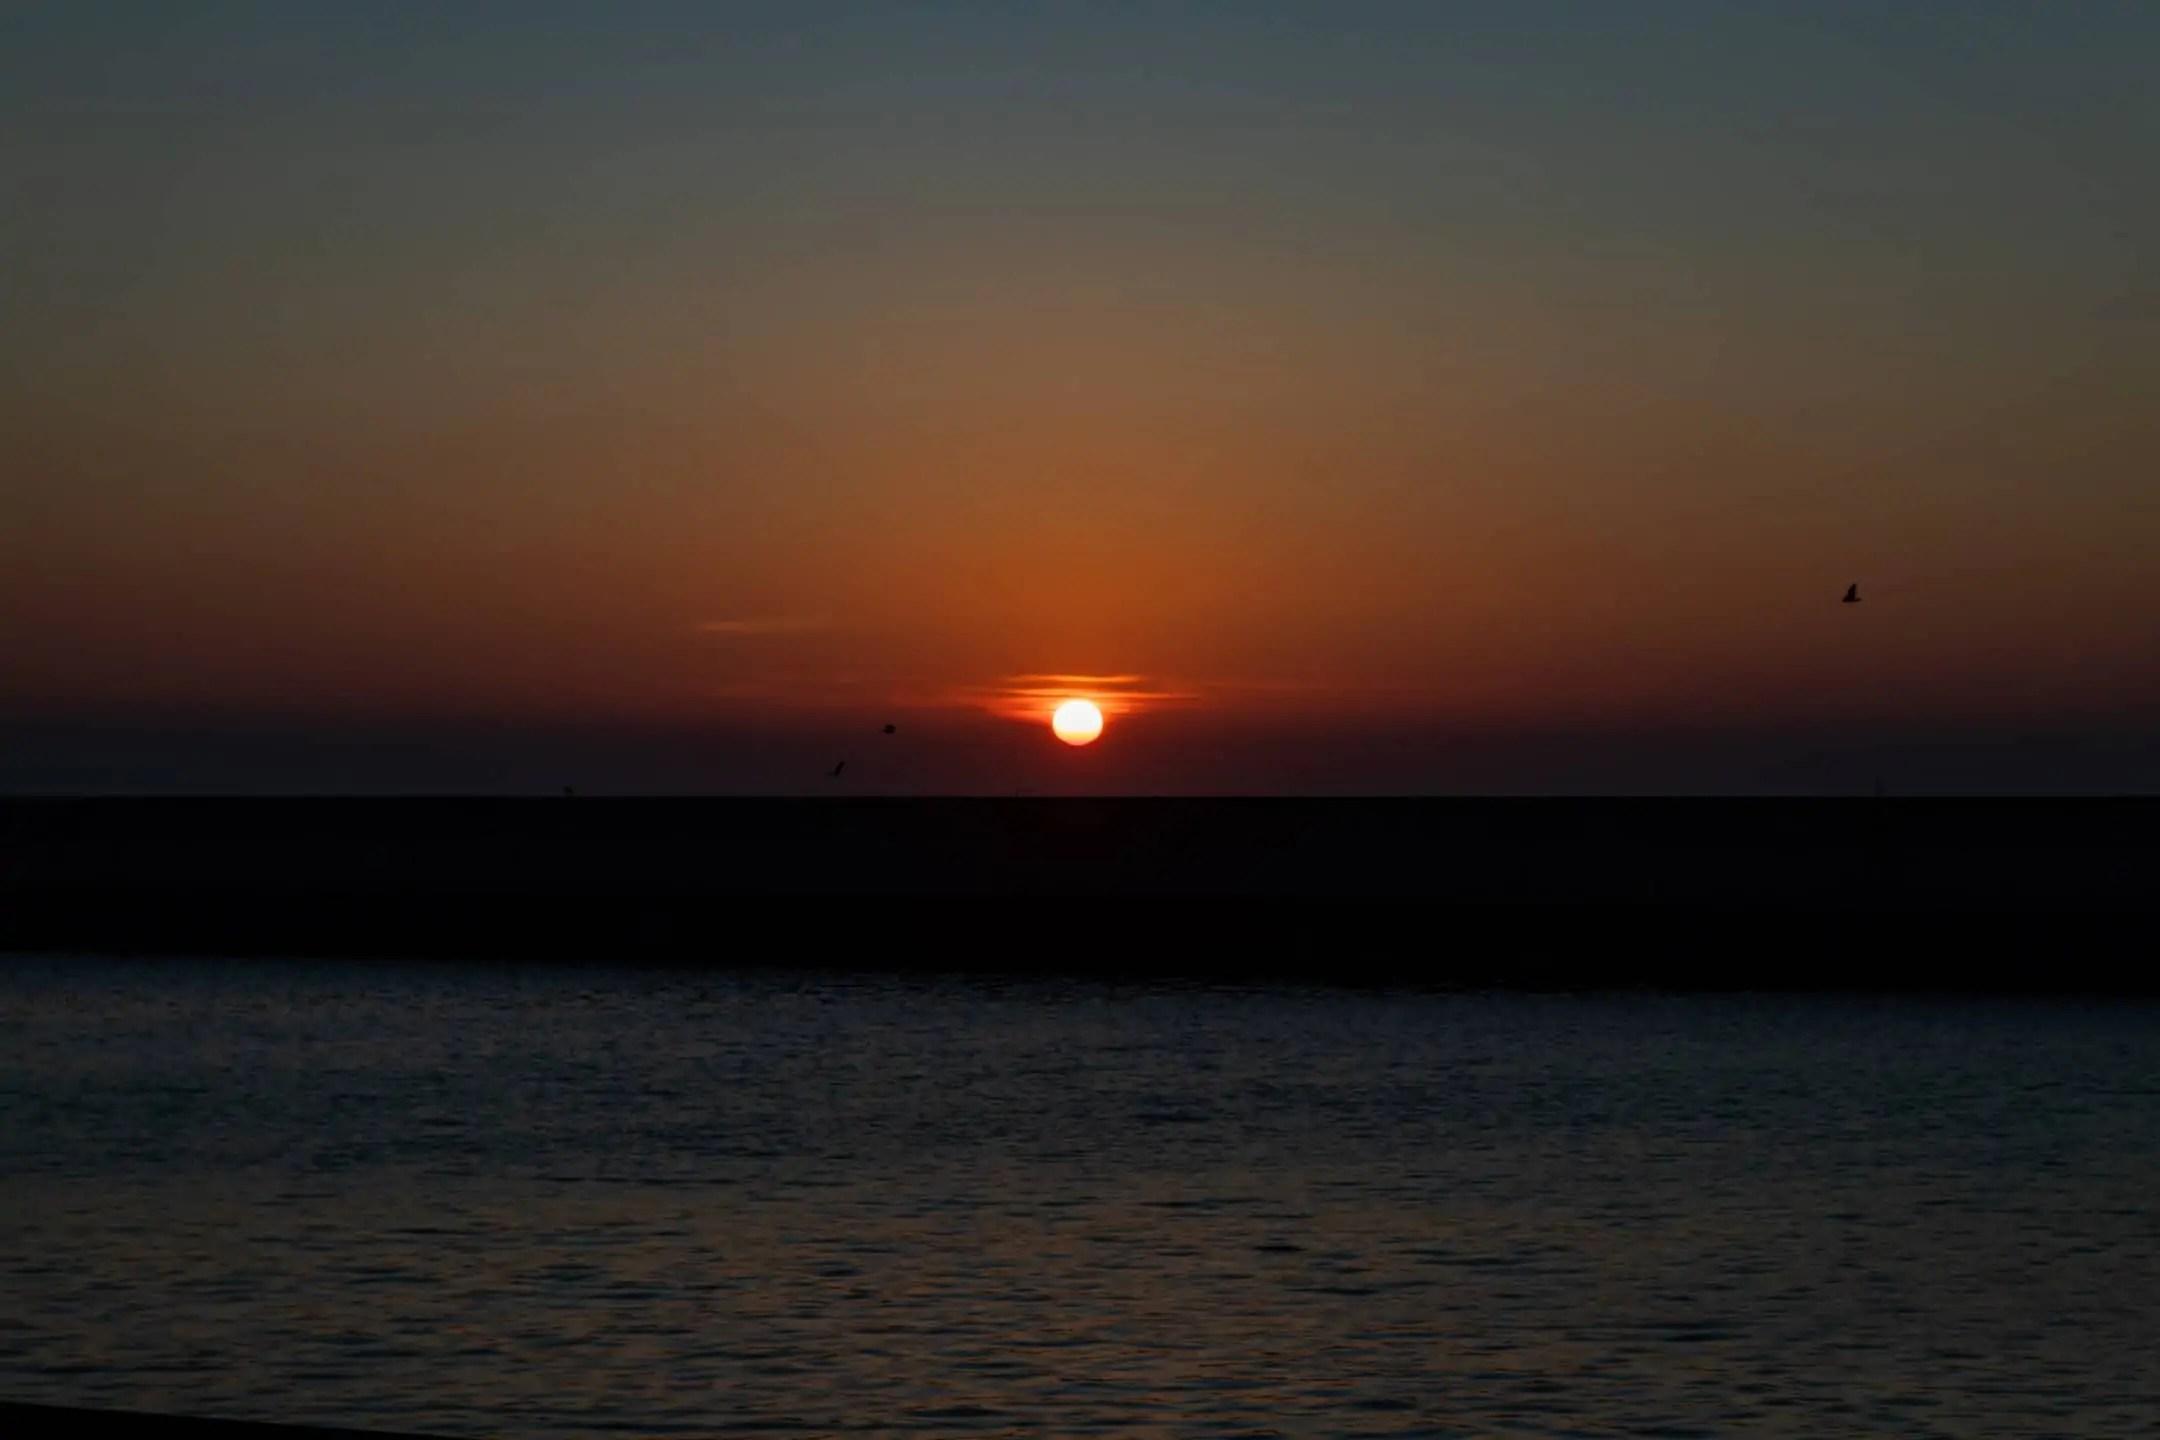 Zdjęcia o wschodzie słońca Gdynia Skwer Kościuszki Pomink Żagle 3 - Zasady kompozycji - przewodnik po 20 regułach